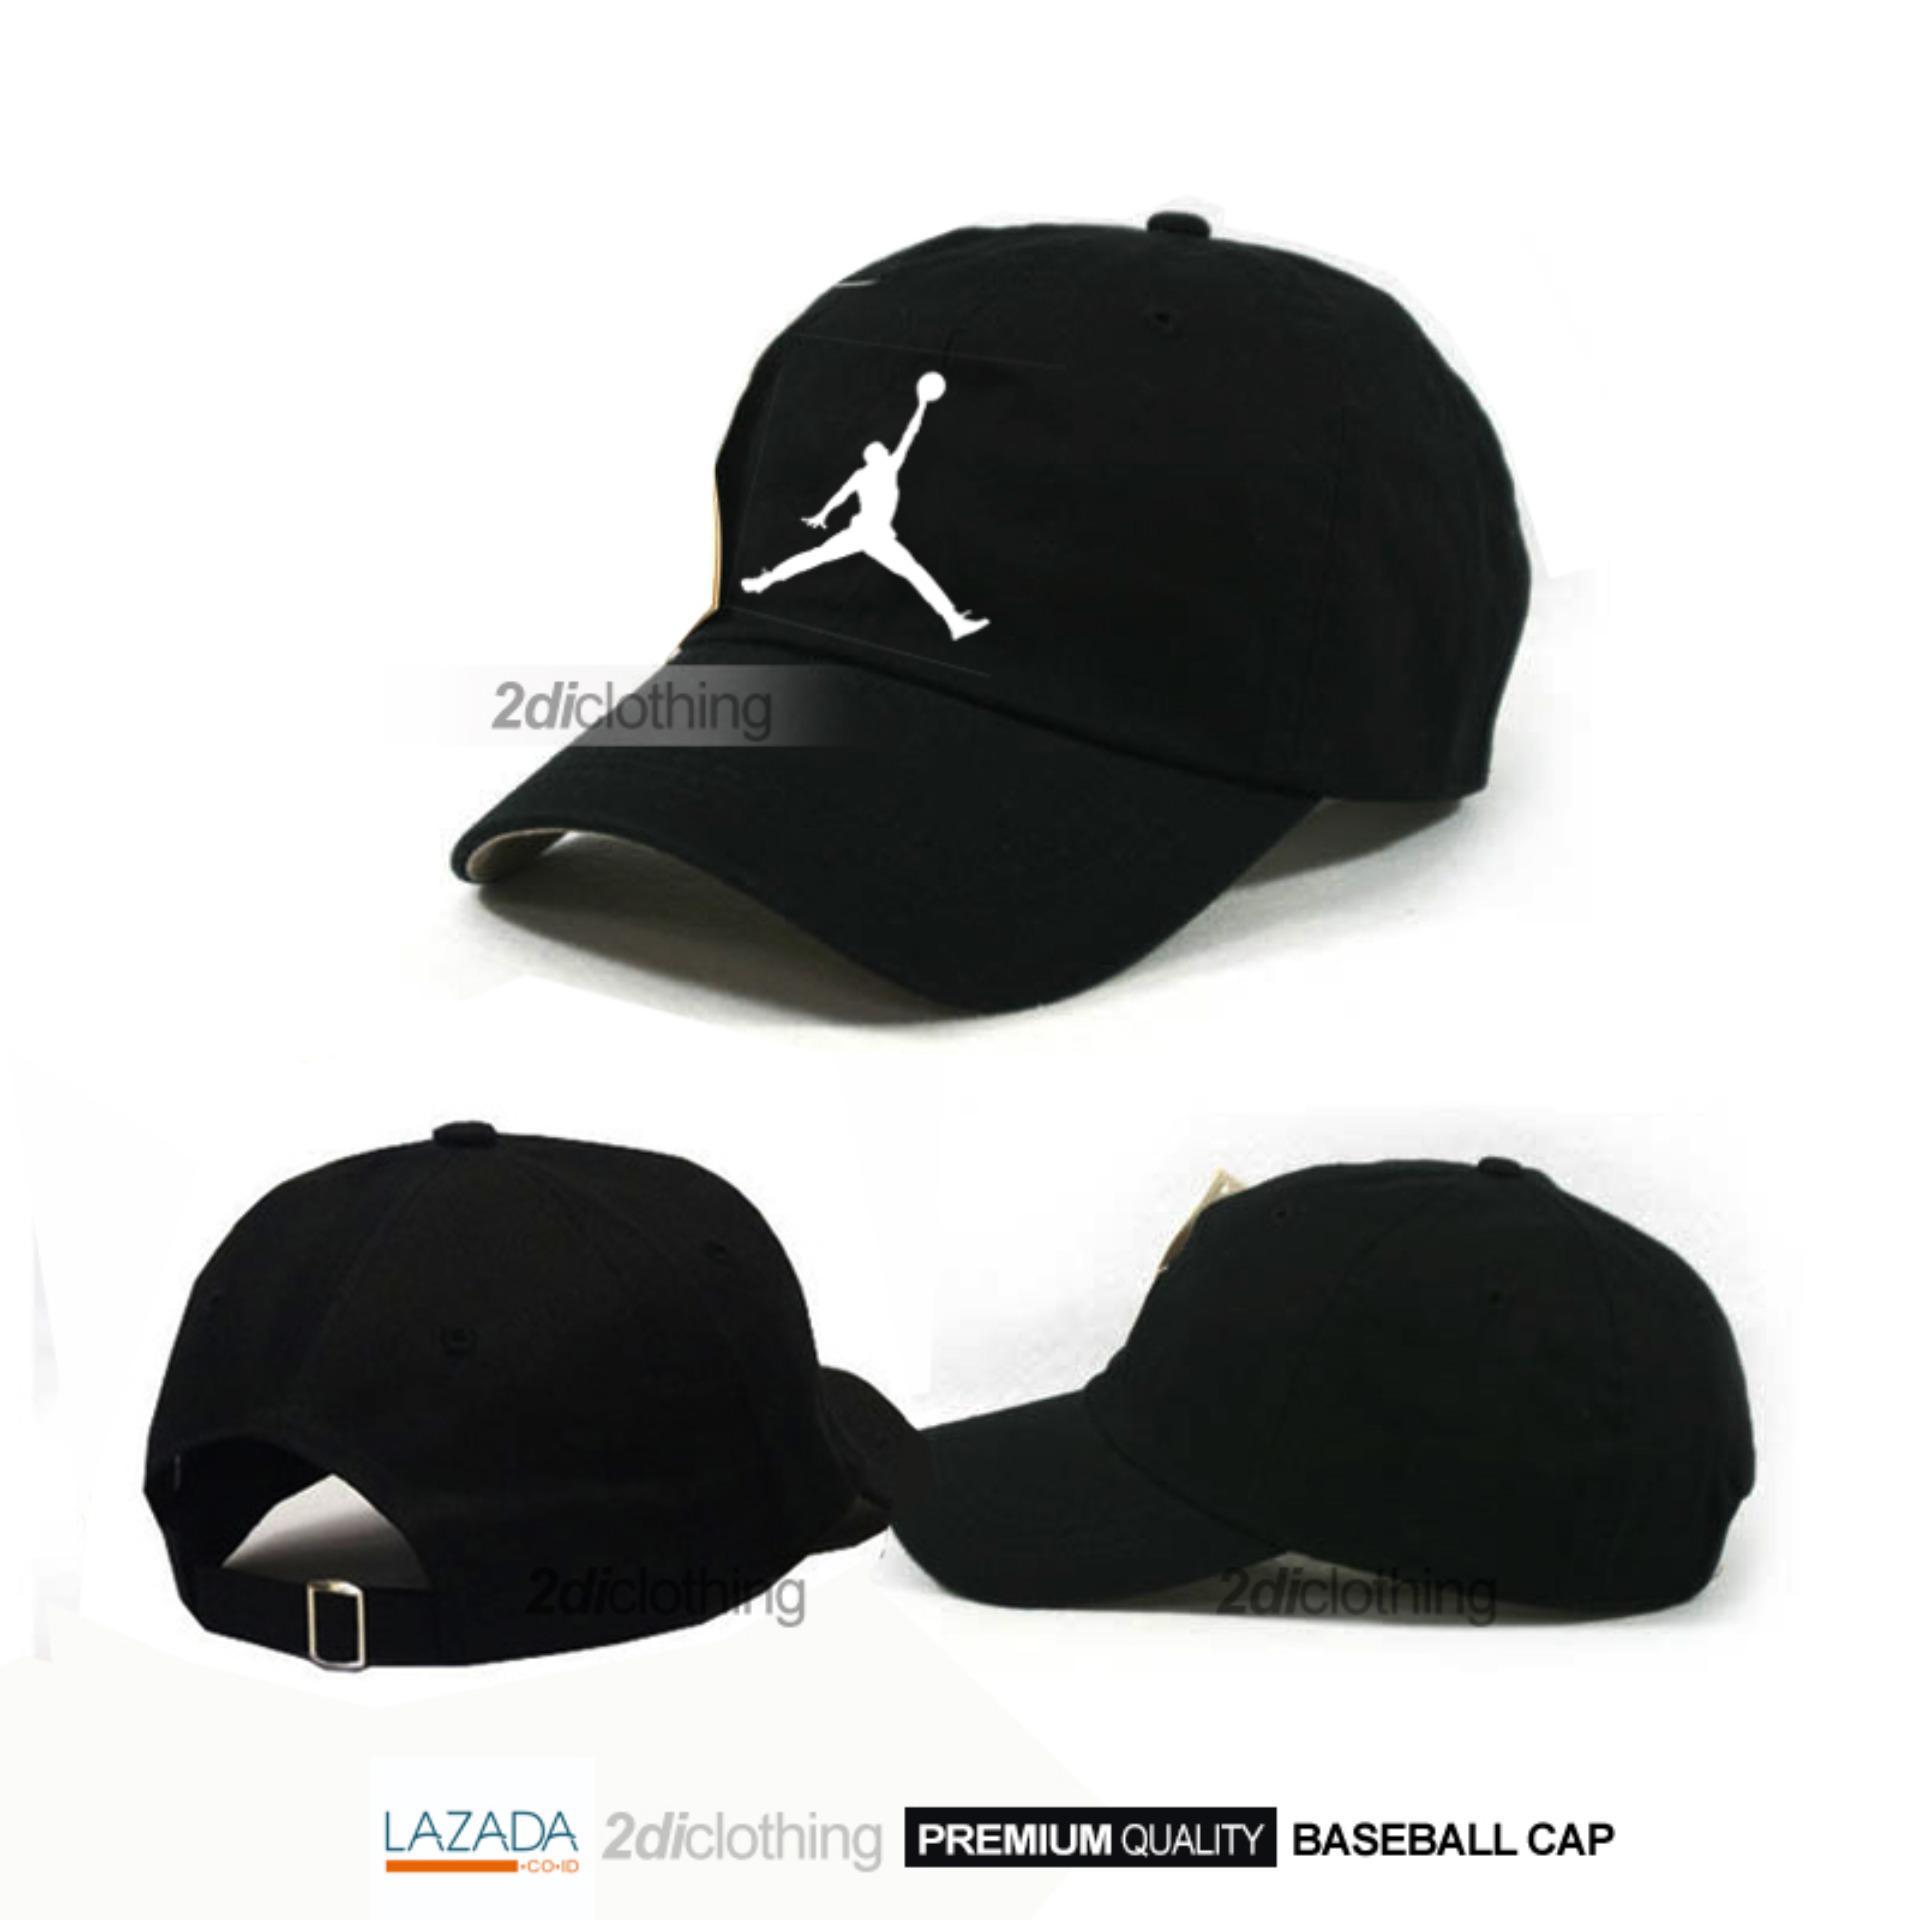 Topi baseball cap air jordan black premium